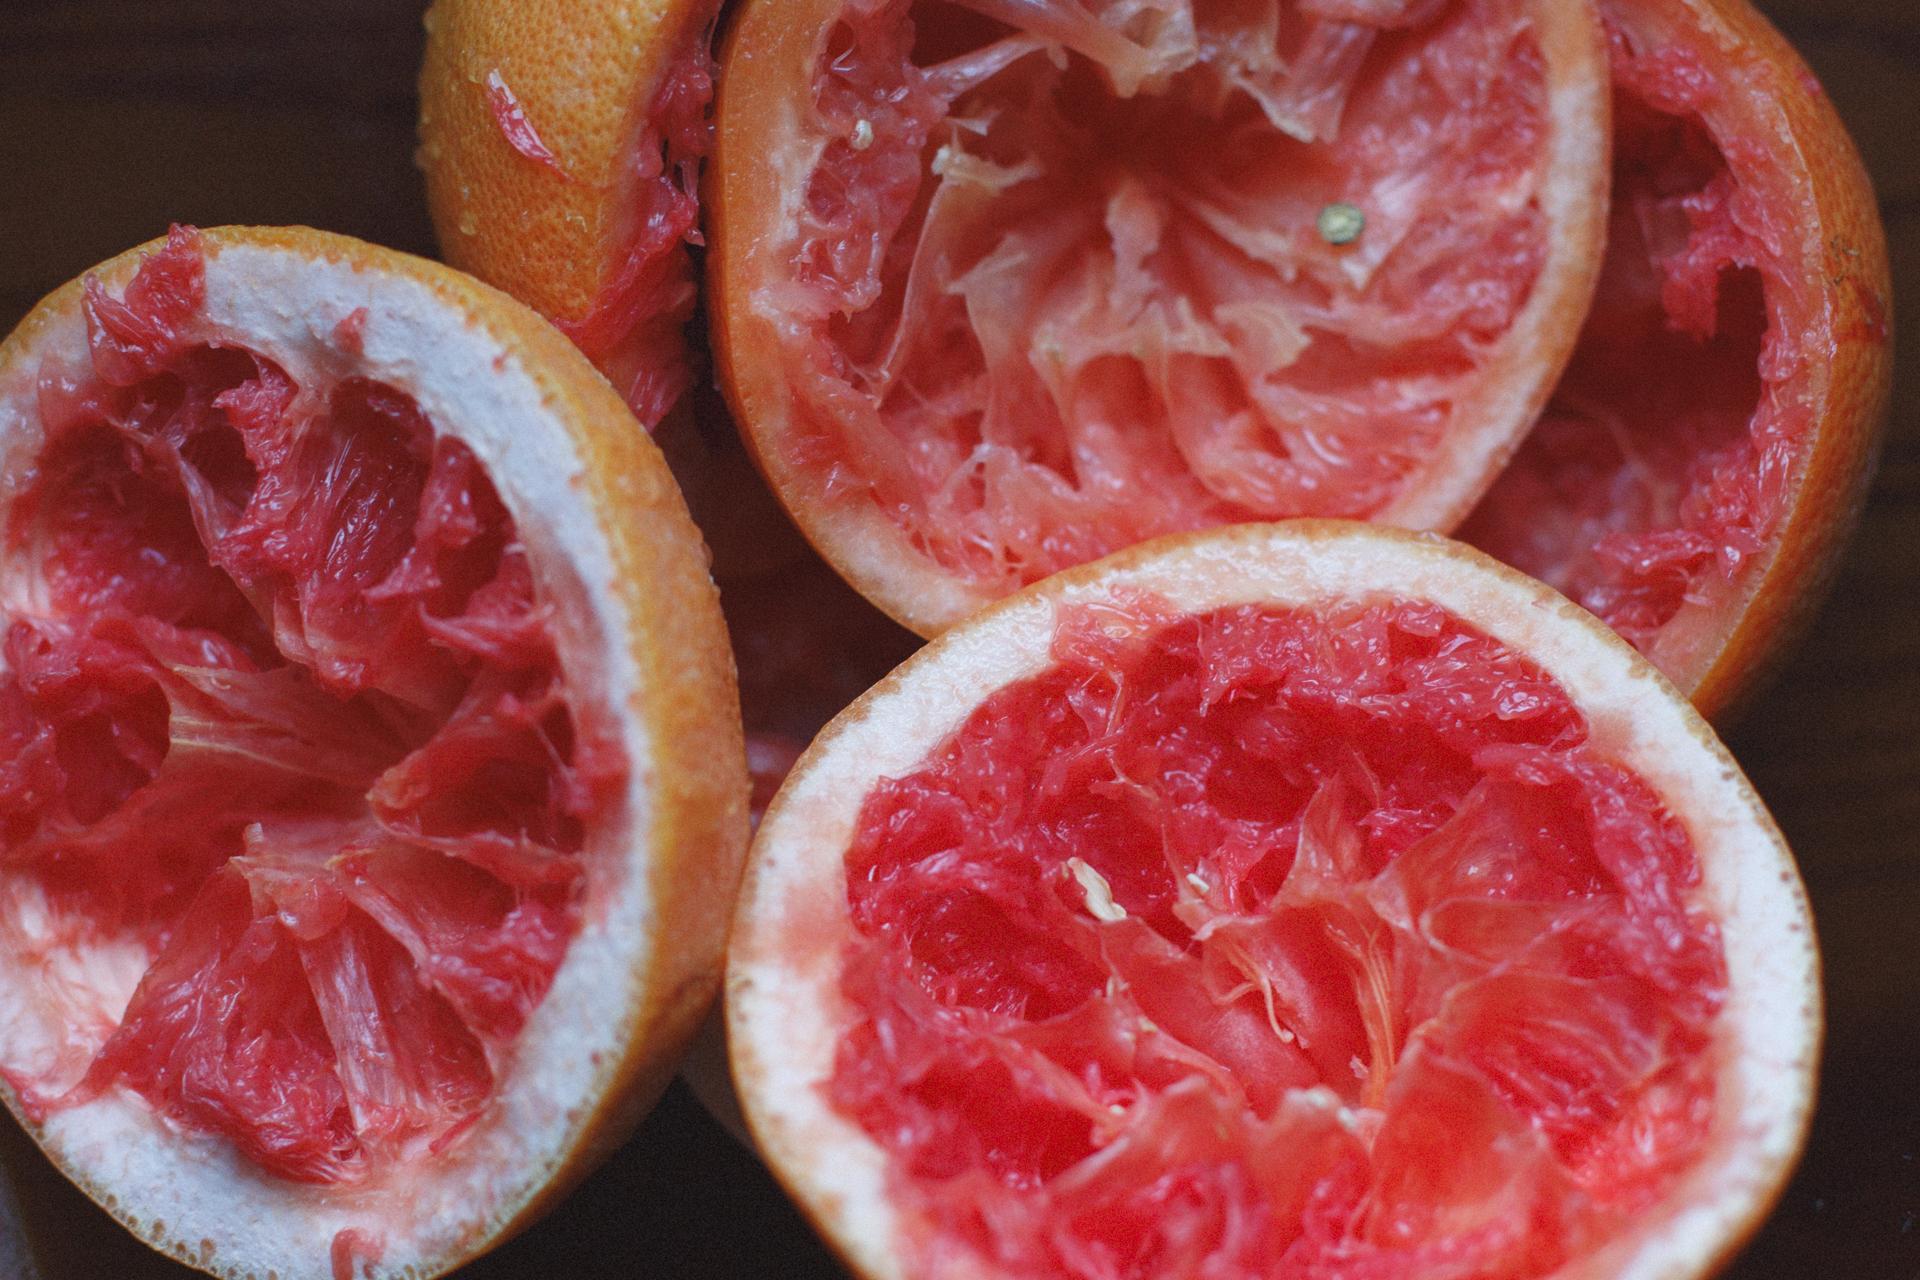 Grapefruit rinds after juicing